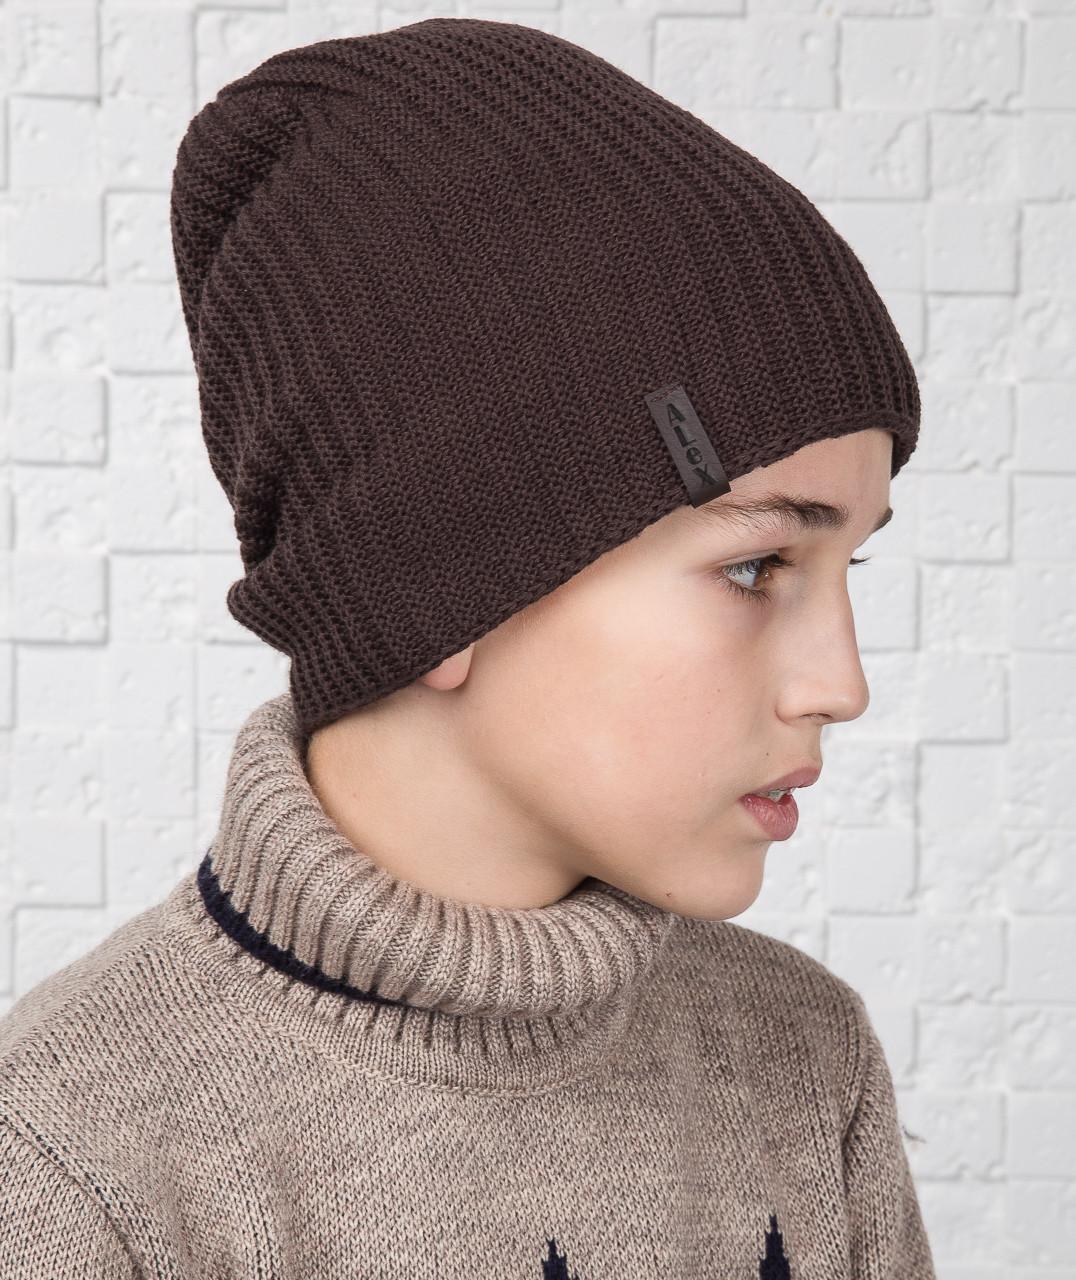 купить зимнюю двустороннюю вязаную шапку для мальчика подростка с